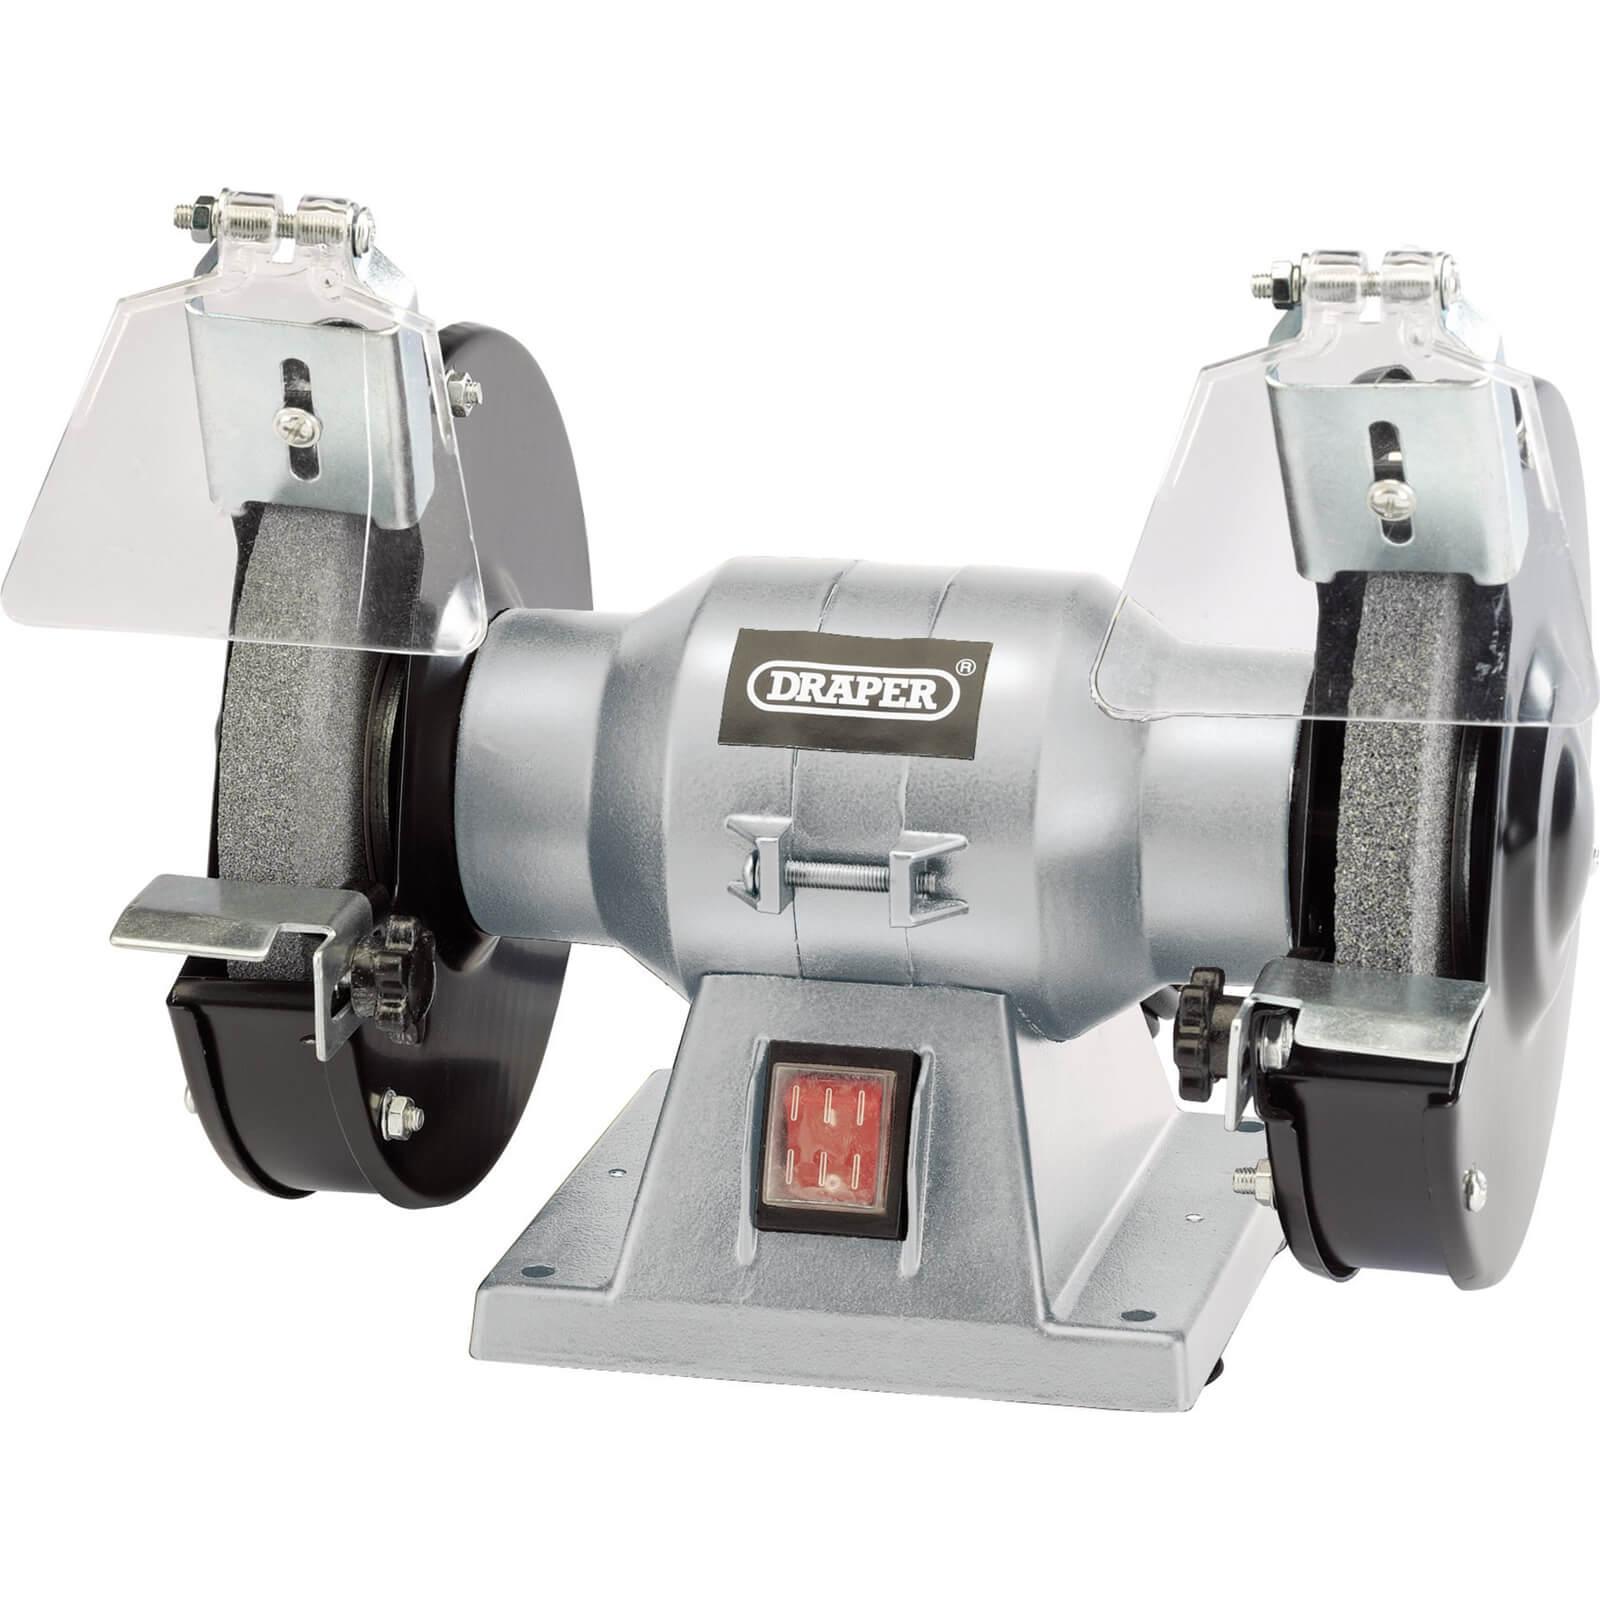 Image of Draper LD150 Bench Grinder 150mm 240v